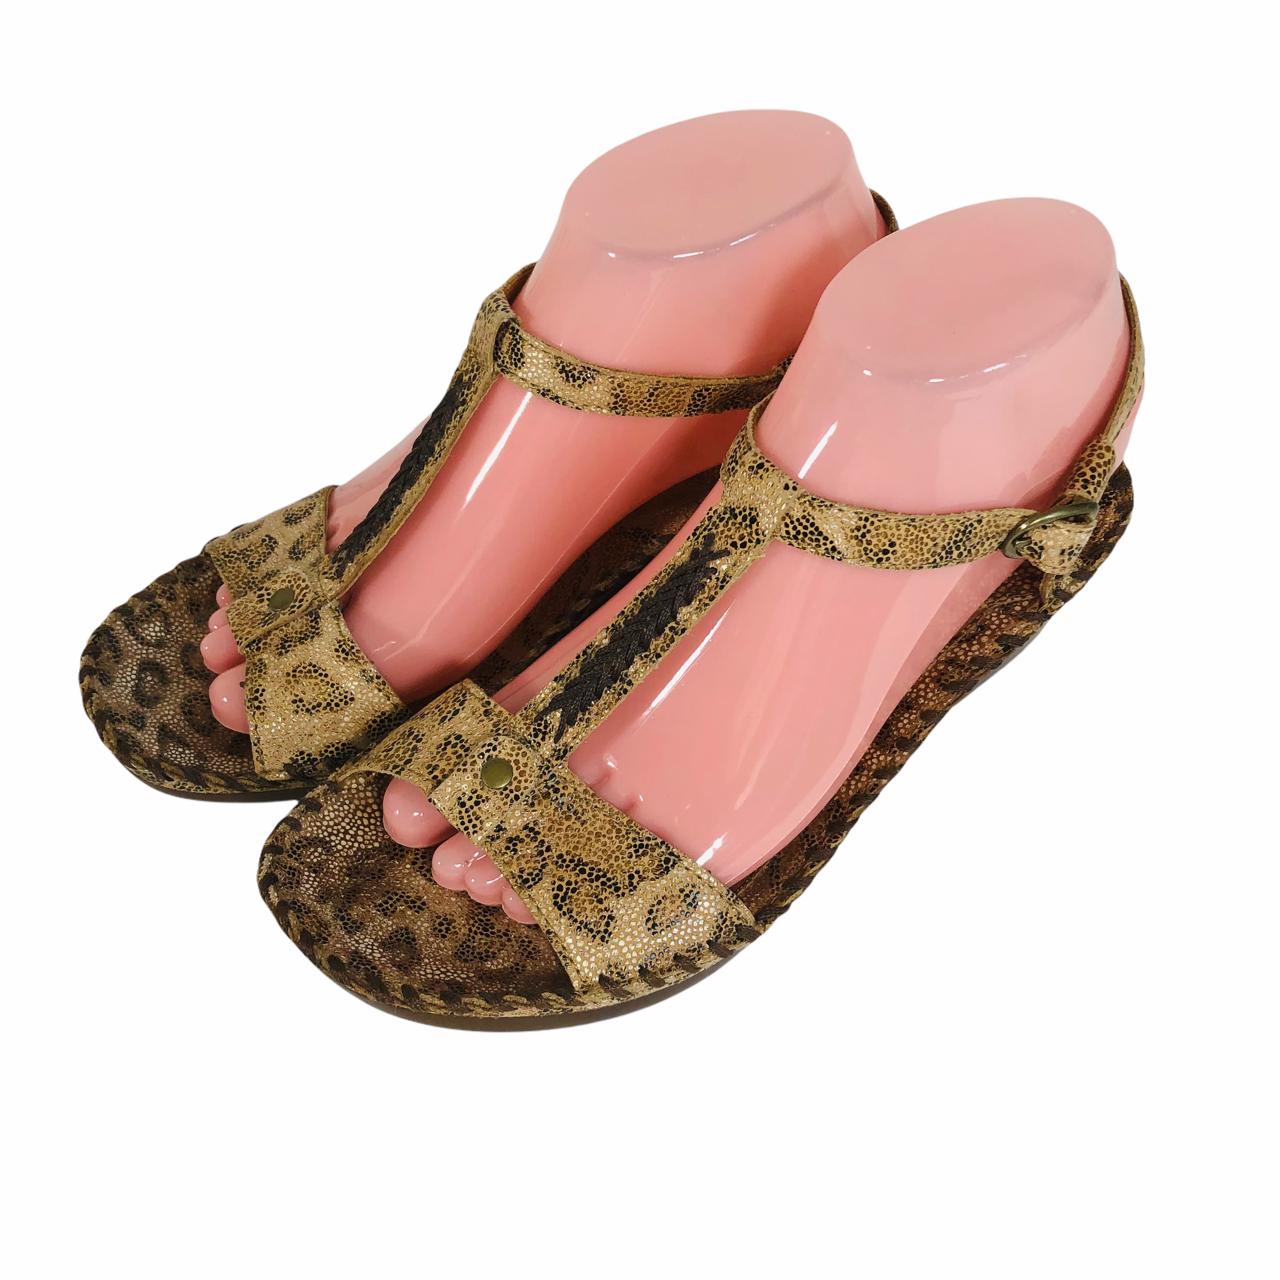 Ariat Femme Cheetah Sandales en cuir taille 7.5 B Chaussures T-bride réglable marron